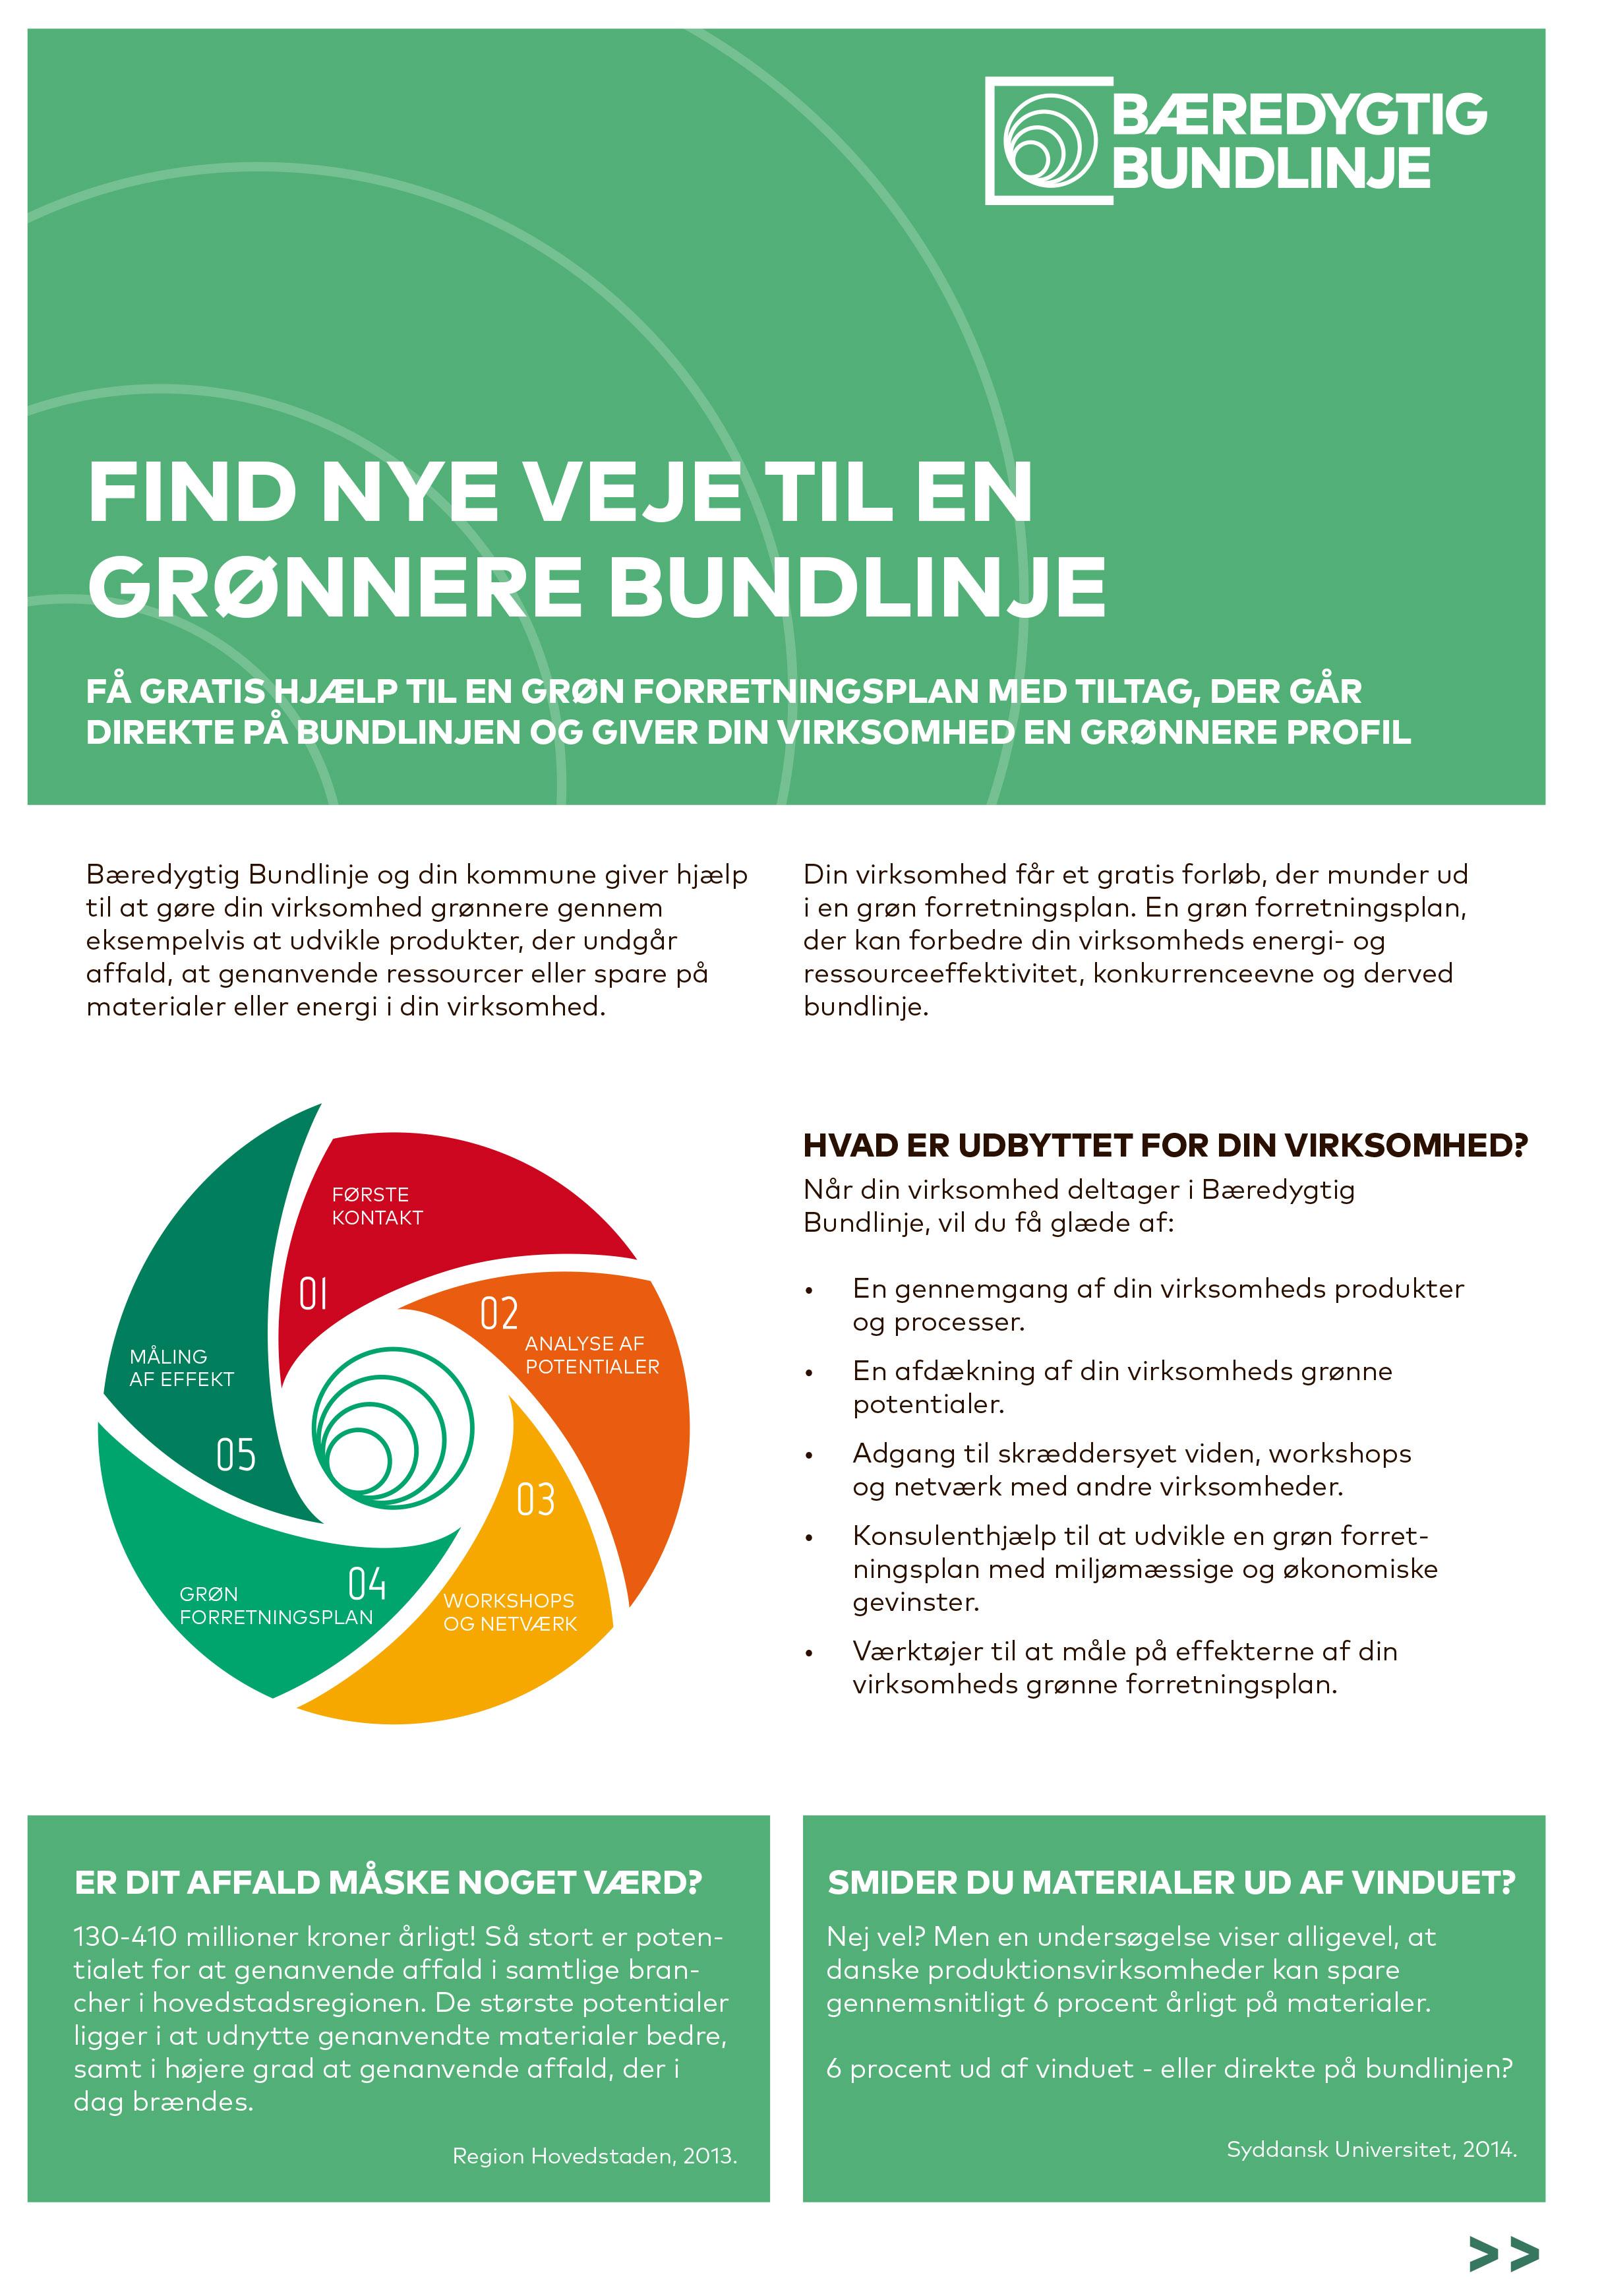 Udvikling af grønne forretningsplaner i Bæredygtig Bundlinje